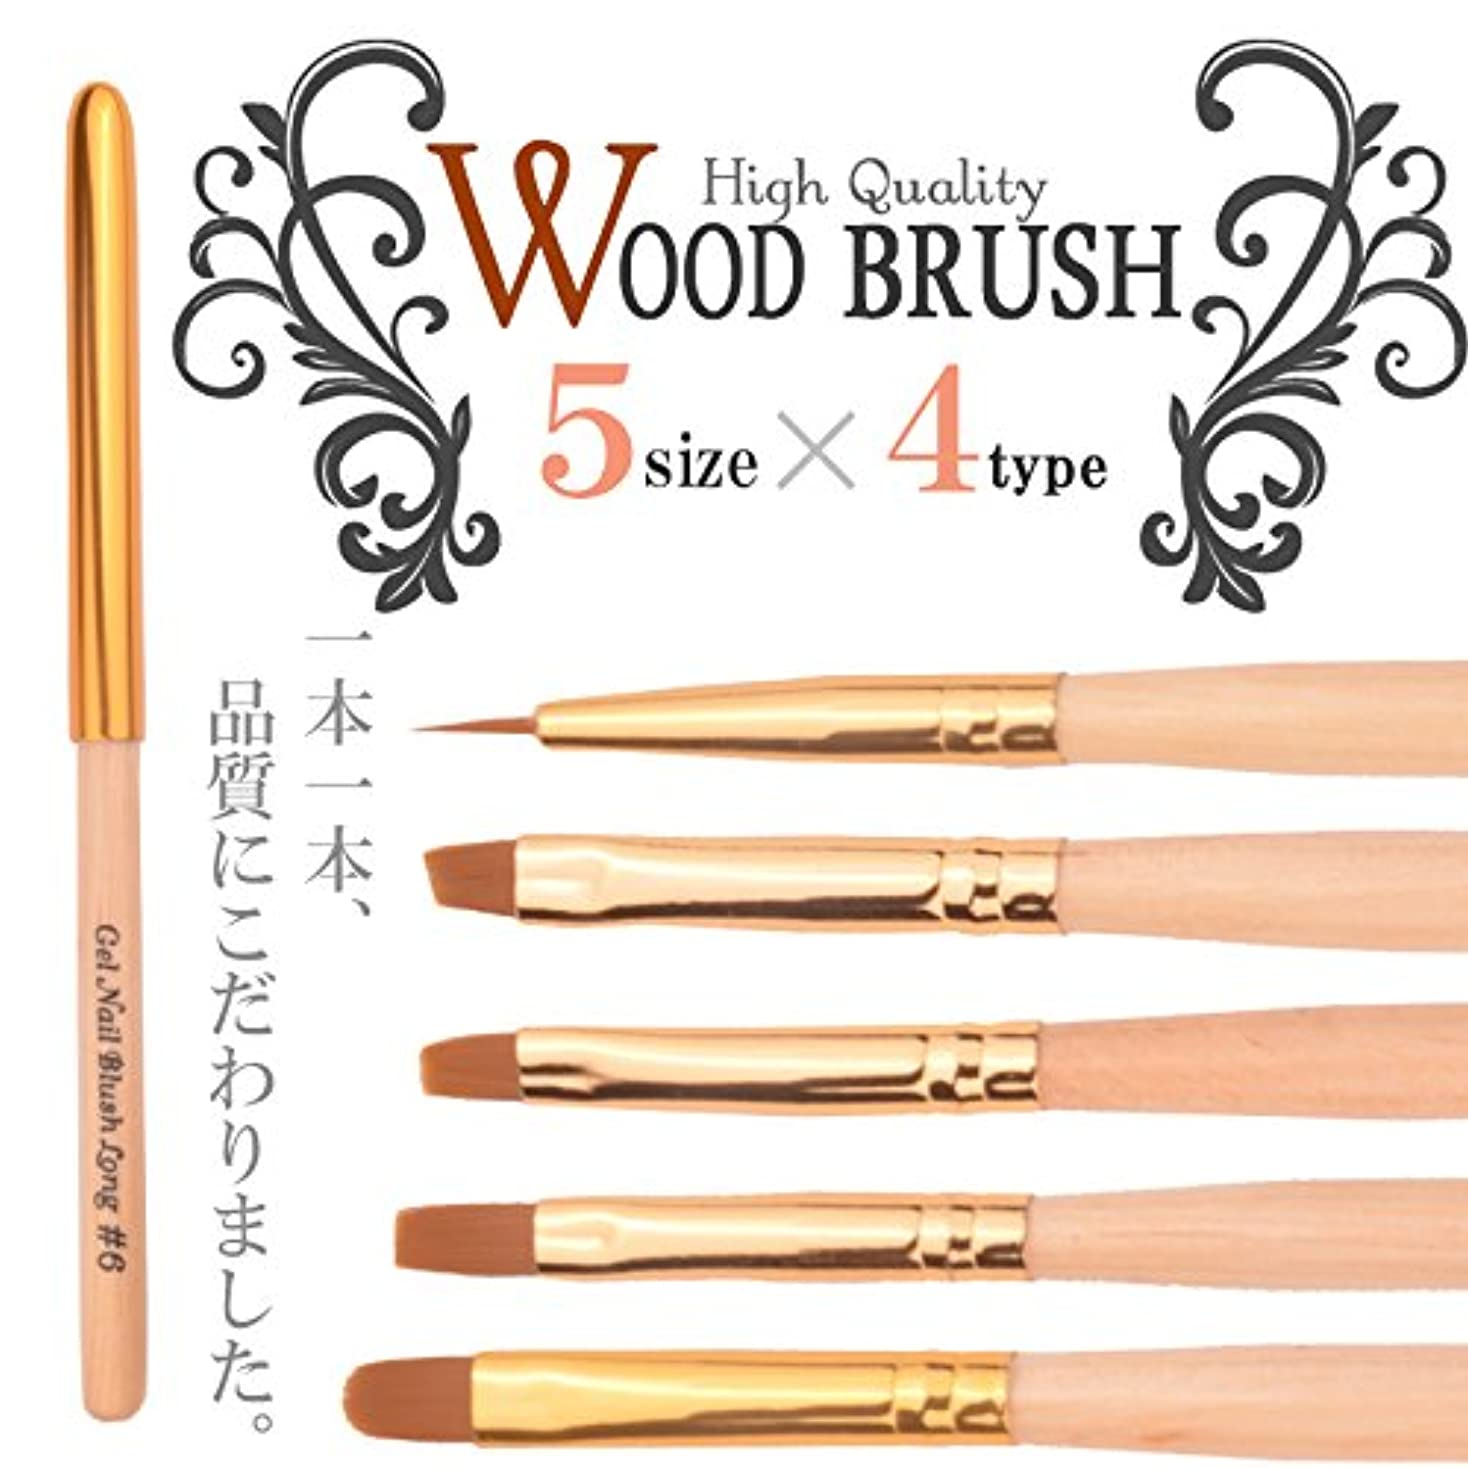 ルール過ち直感高級木製 ネイル筆 ブラシ (平筆 ラウンド フレンチ ライン)キャップ付選べる20タイプ (ラウンド, 5号)